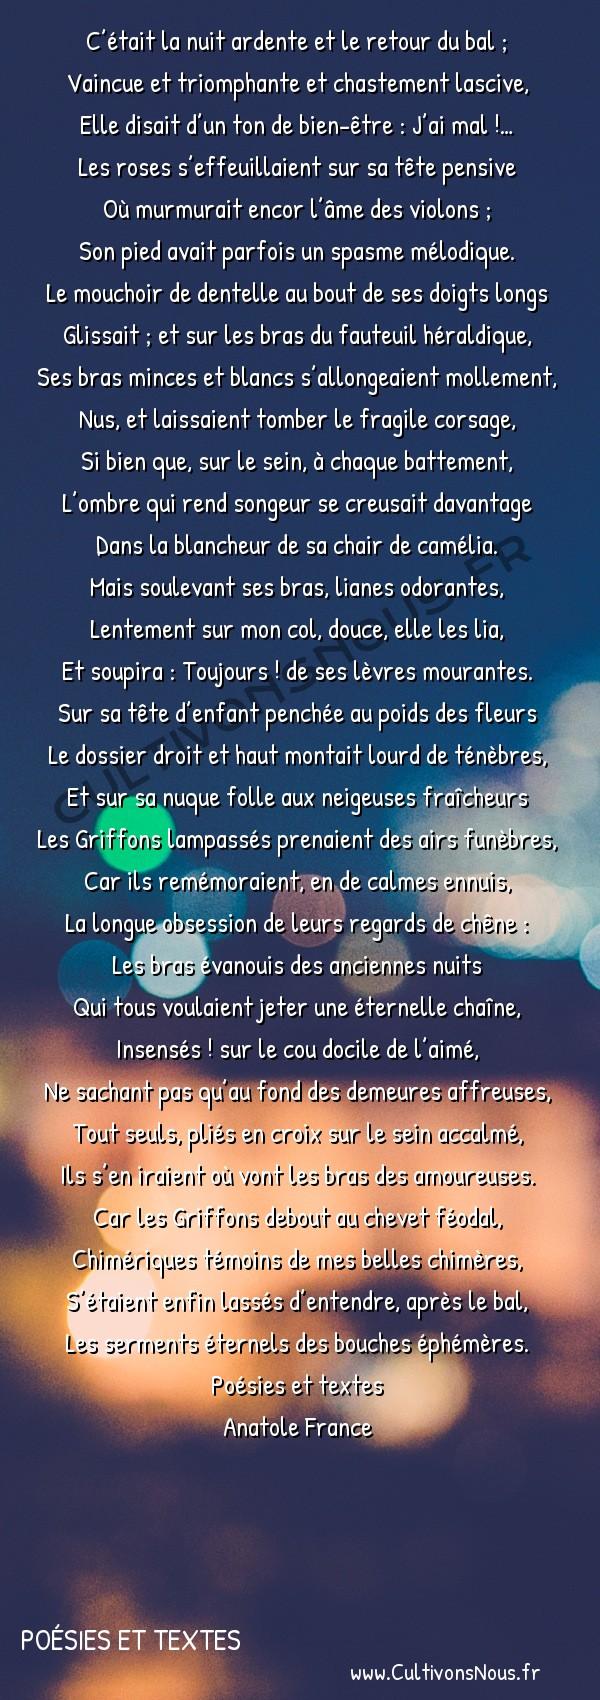 Poésie Anatole France - Poésies et textes - La sagesse des griffons -  C'était la nuit ardente et le retour du bal ; Vaincue et triomphante et chastement lascive,